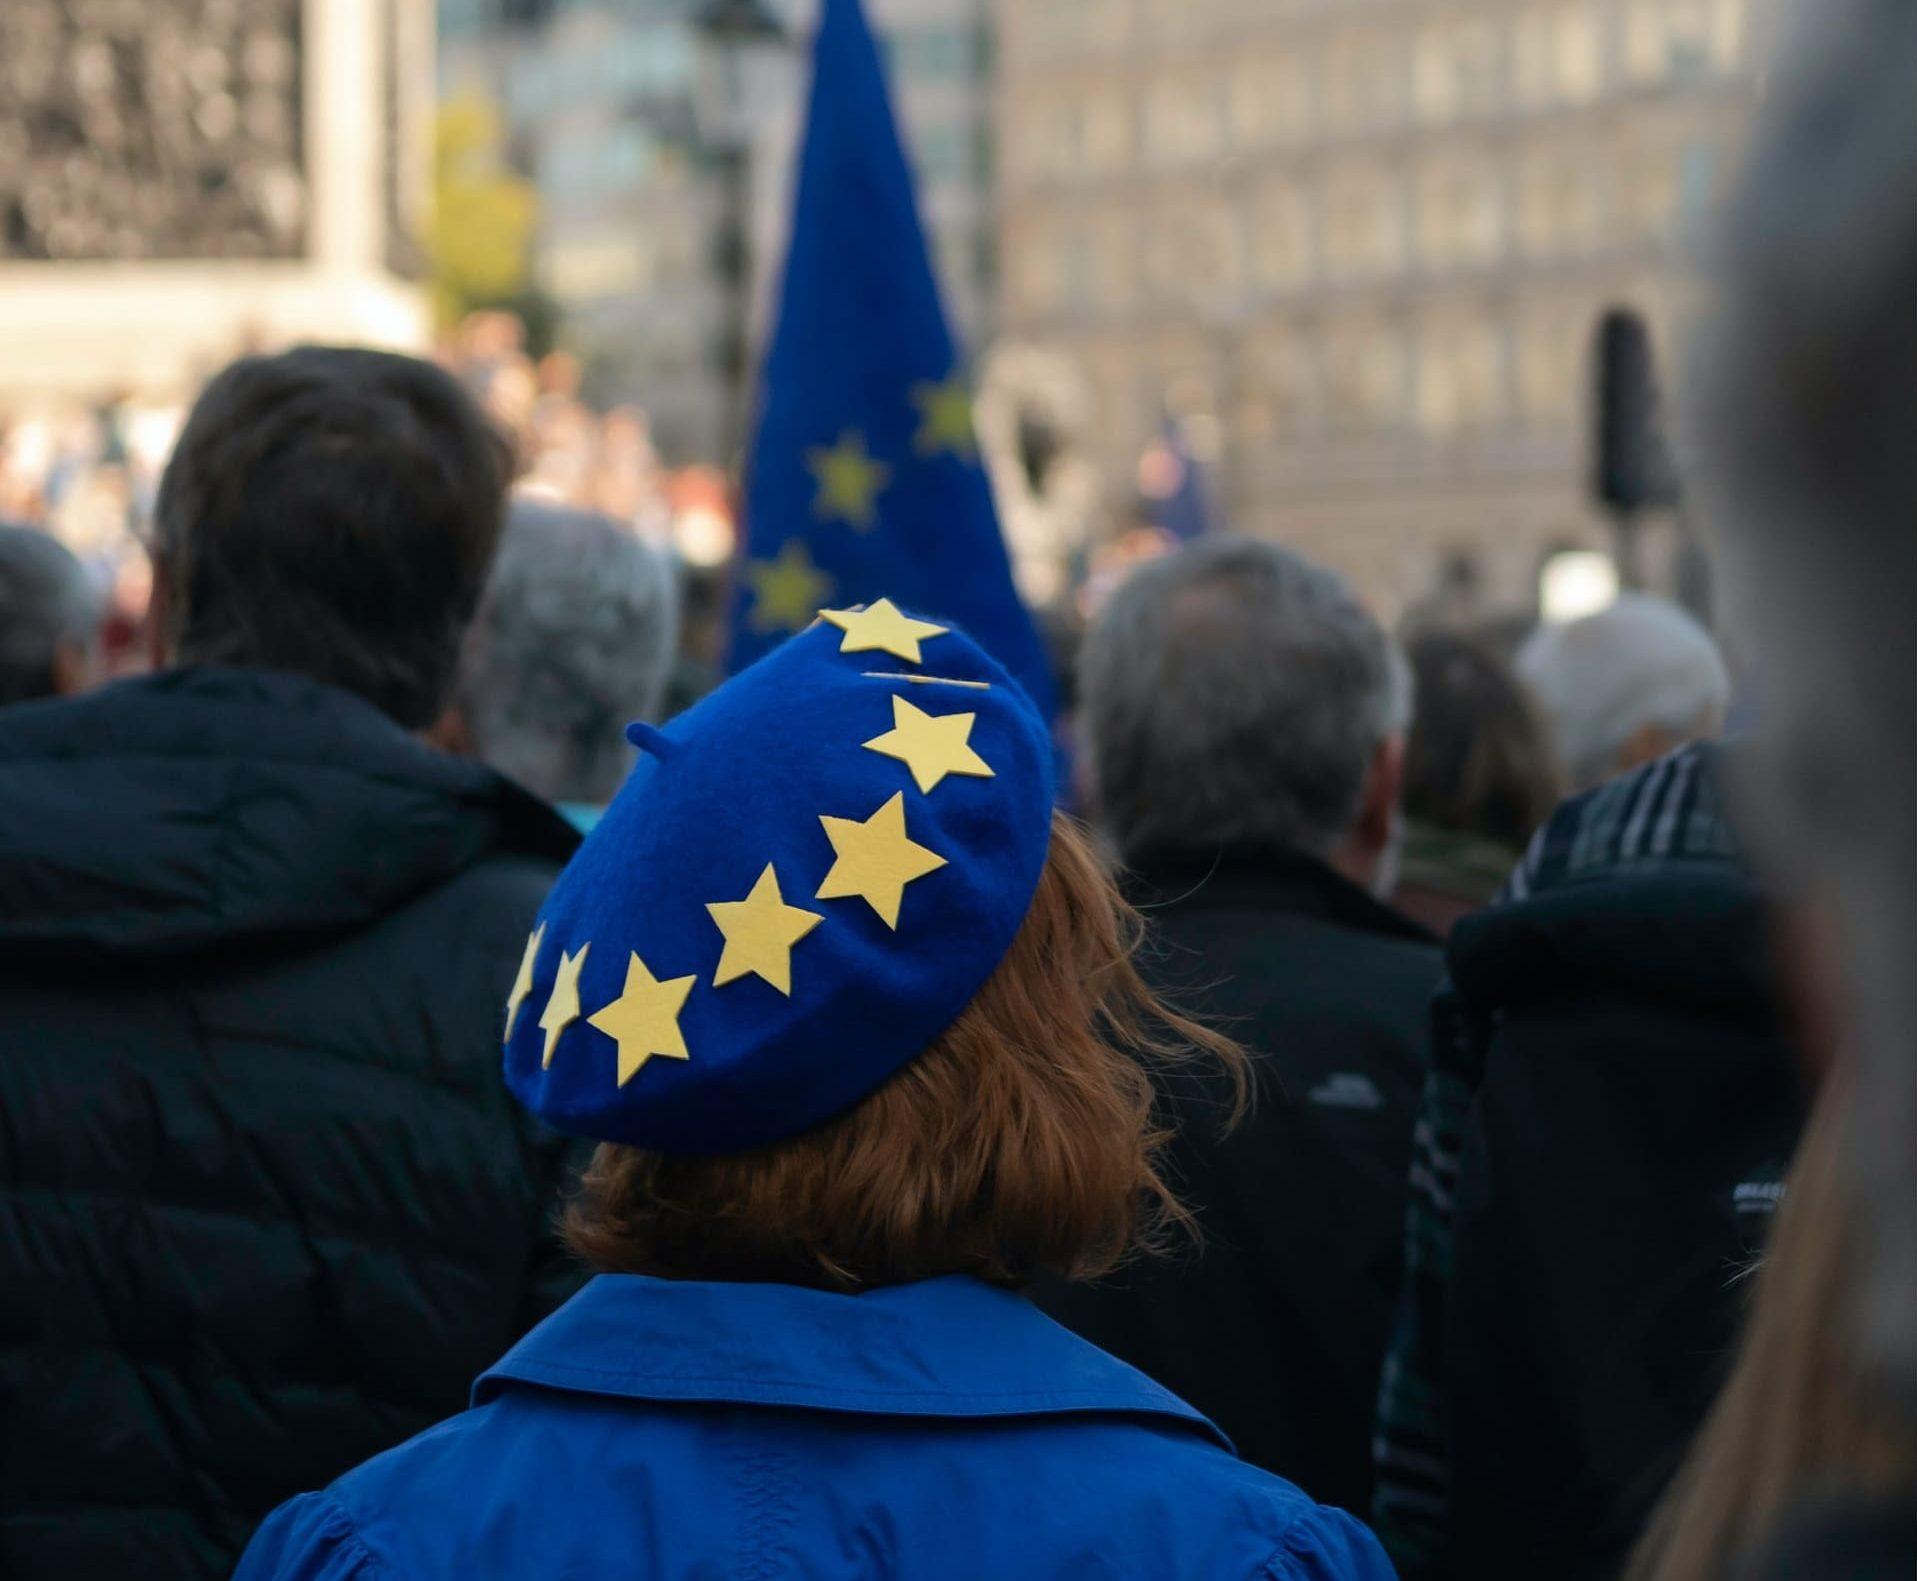 Chainalysis: Europa es la mayor economía de criptomonedas con el 25% de las transacciones globales